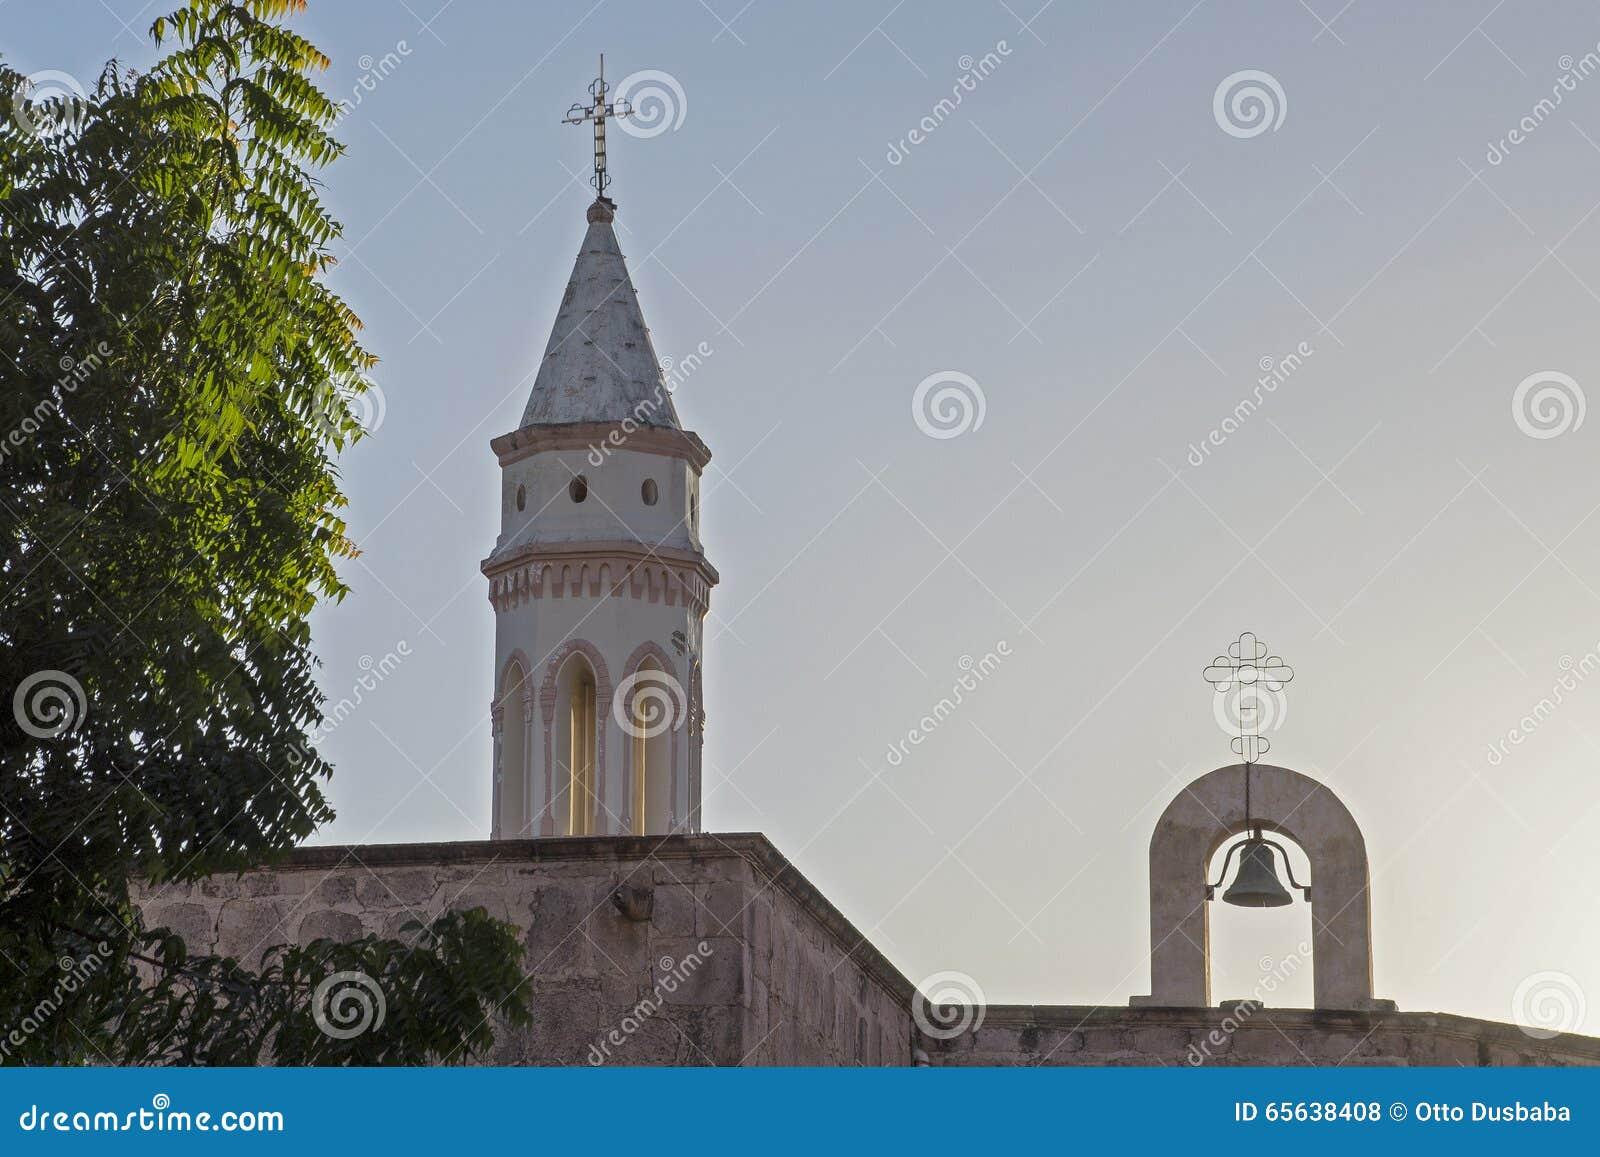 Vieille tour d église avec la cloche